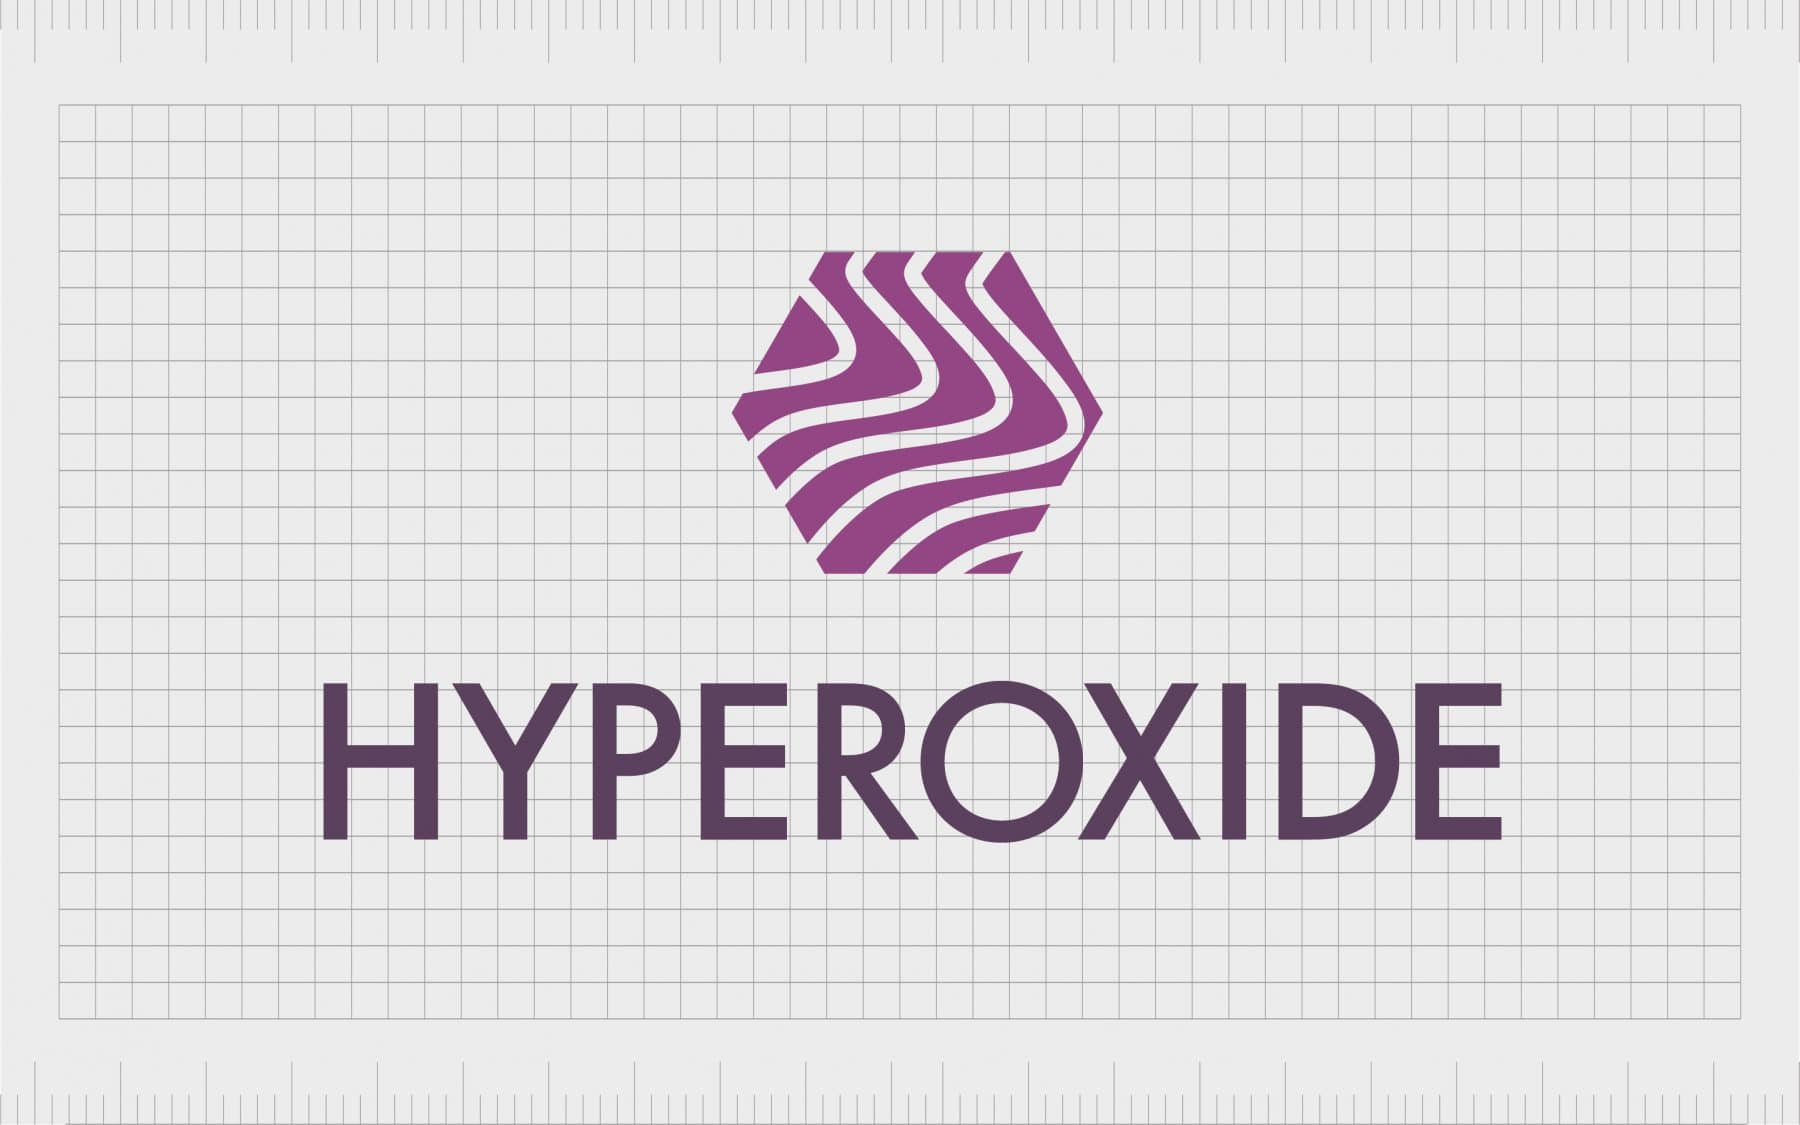 Hyperoxide